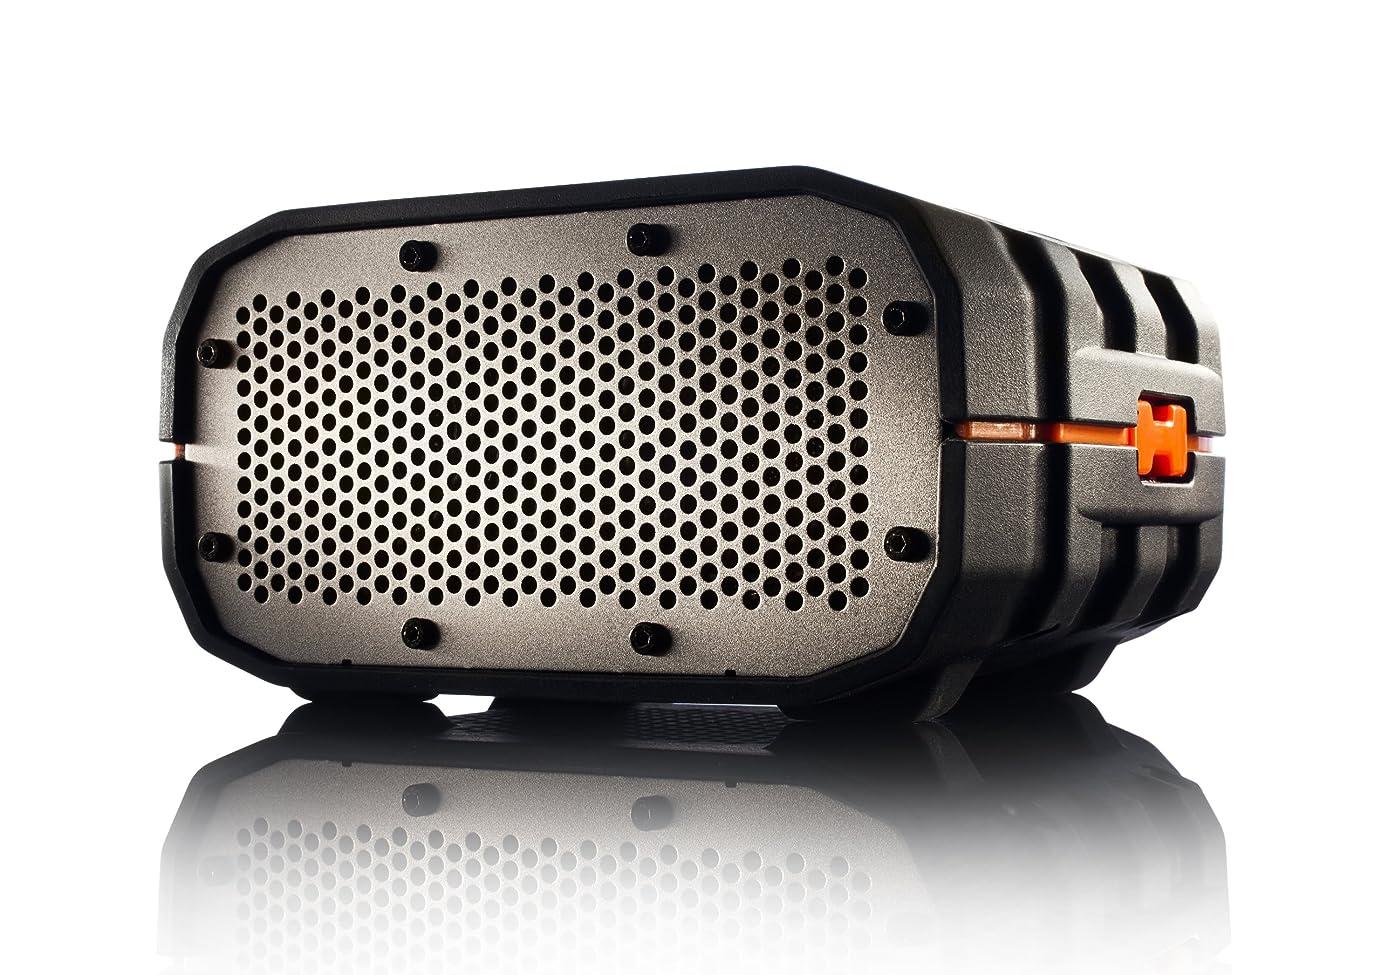 サンダル放散する差し迫ったBRAVEN 【ブラヴェン】BRV-1 BR-1301 ラヴァ/LAVA IPX5防水ポータブル【国内正規品】 Bluetooth スピーカー